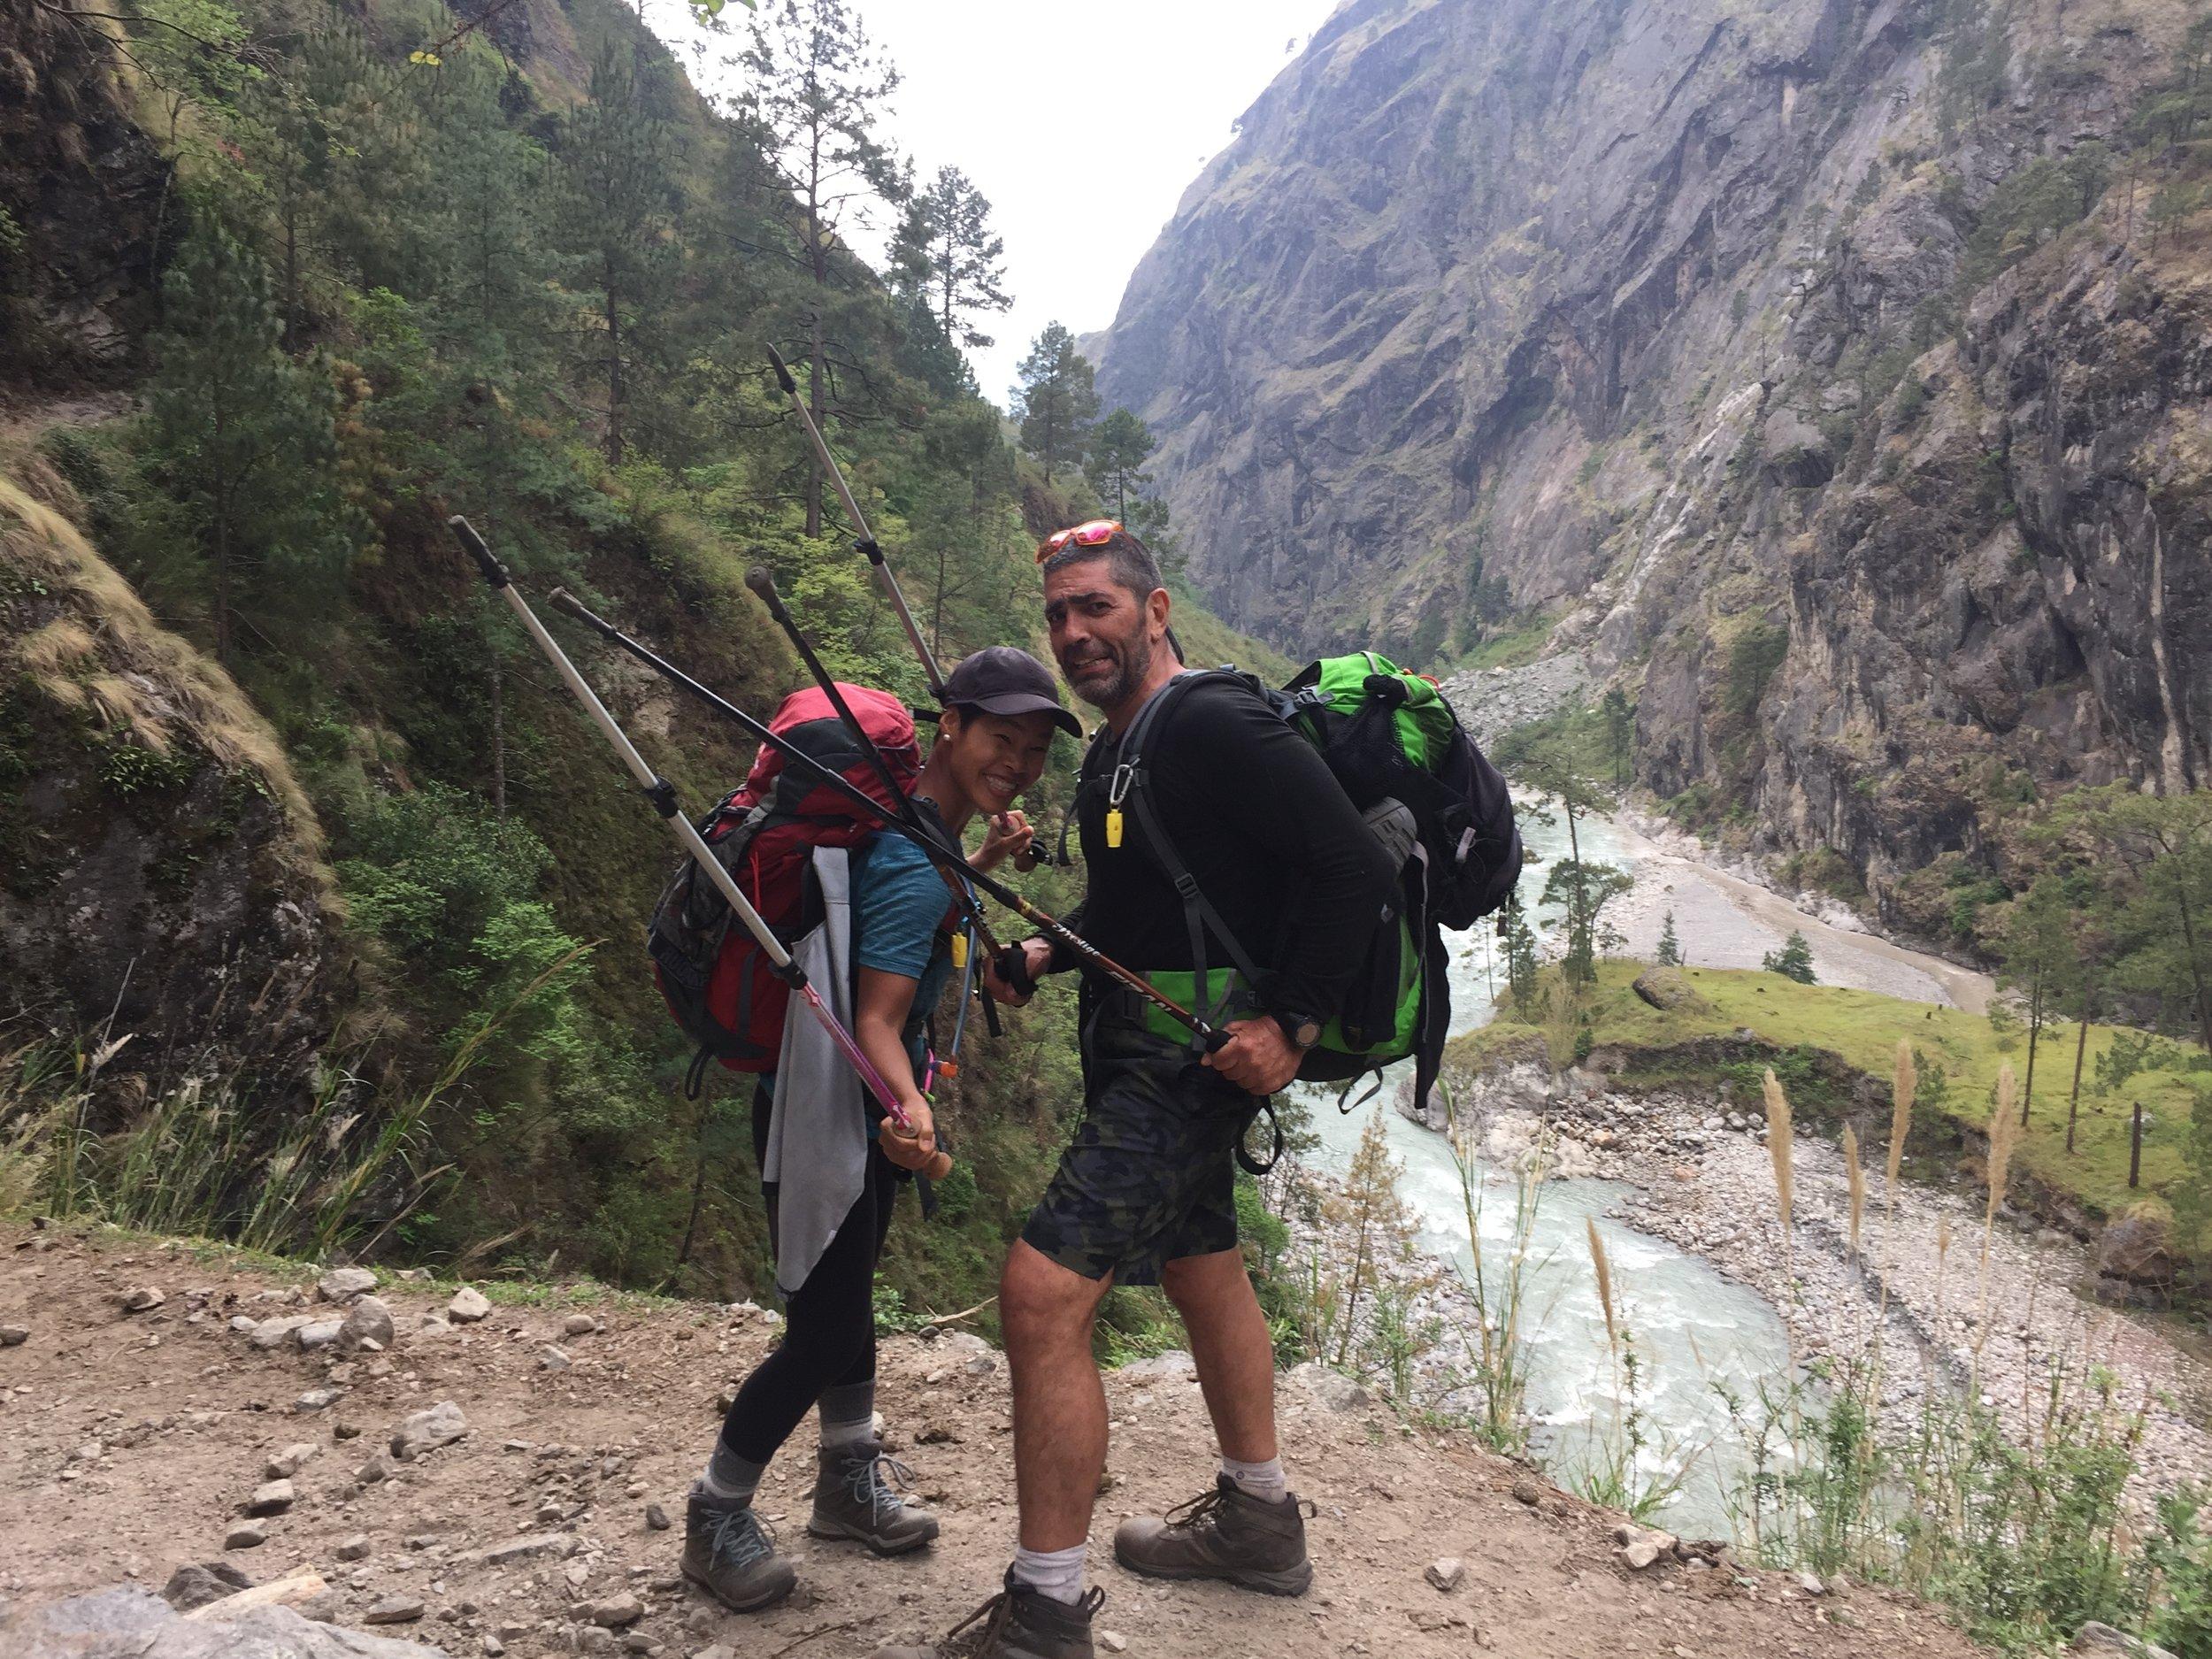 Dòng sông Buri Gandaki phía dưới